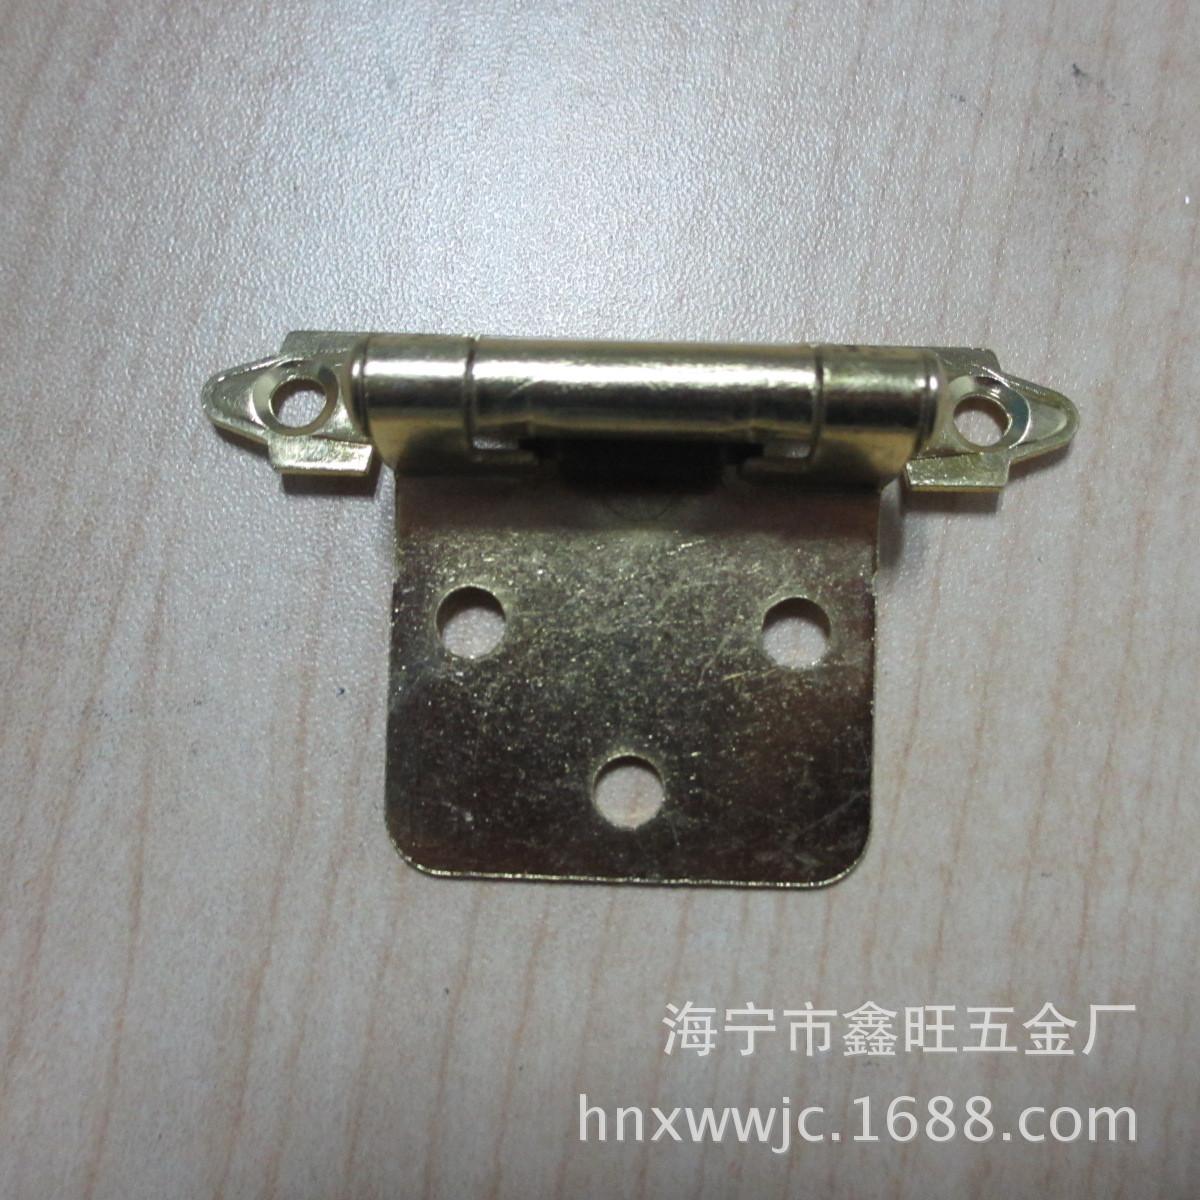 厂家供应优质 弹簧铰链 家具铰链 美式铰链 自关铰链